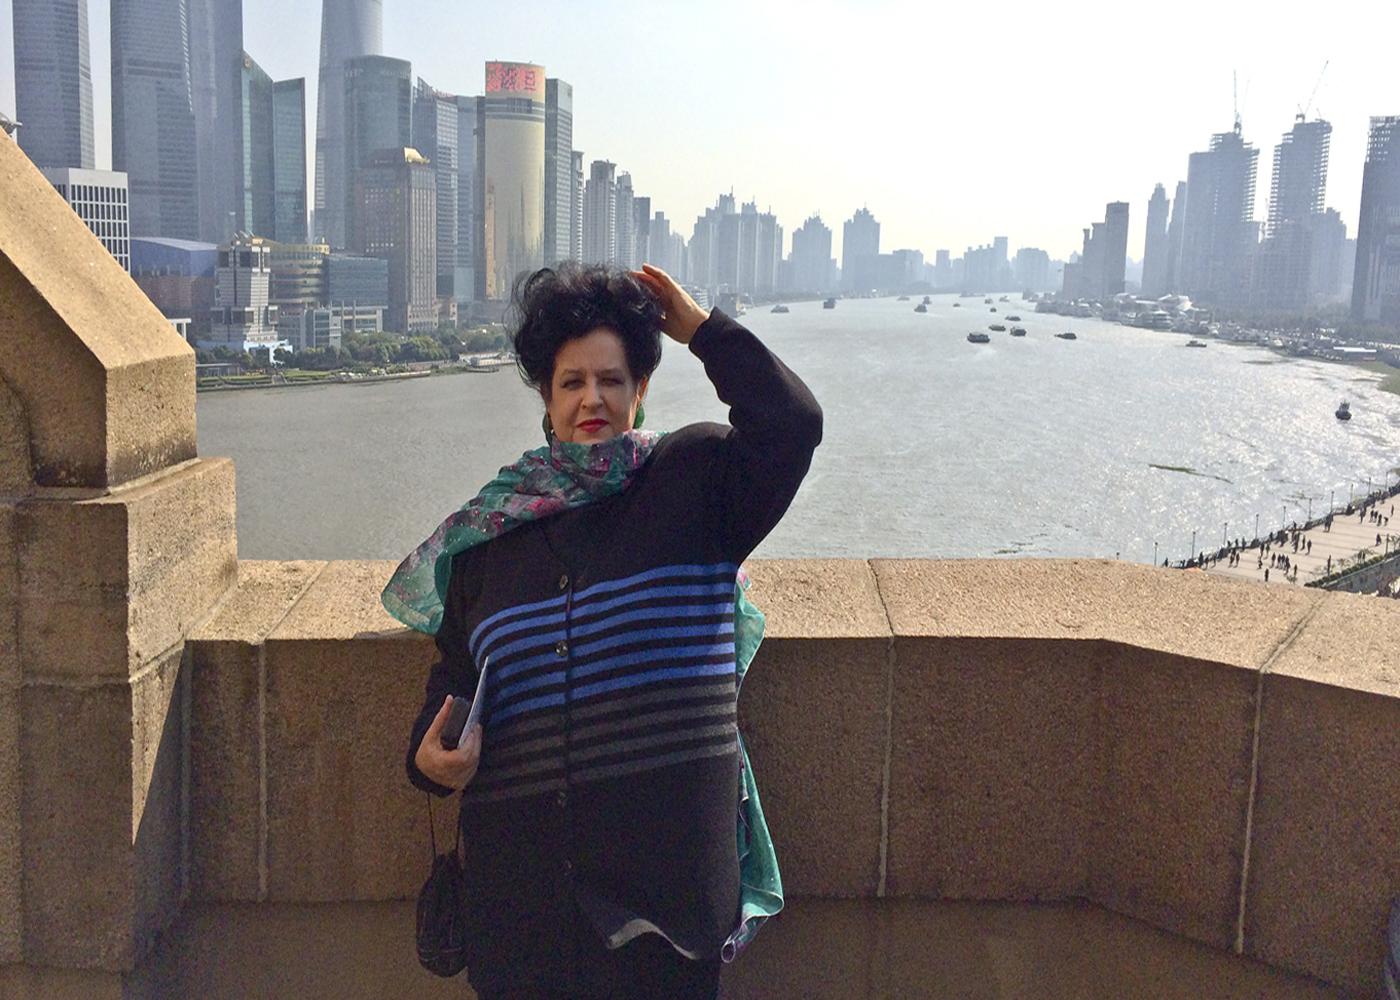 Pe terasa Hotelului Fairmont Peace Hotel din Shanghai, în bătaia vântului, în peisajul dominat de eternul fluviu Huangpu şi de priveliştea ameţitoare a zgârie-norilor